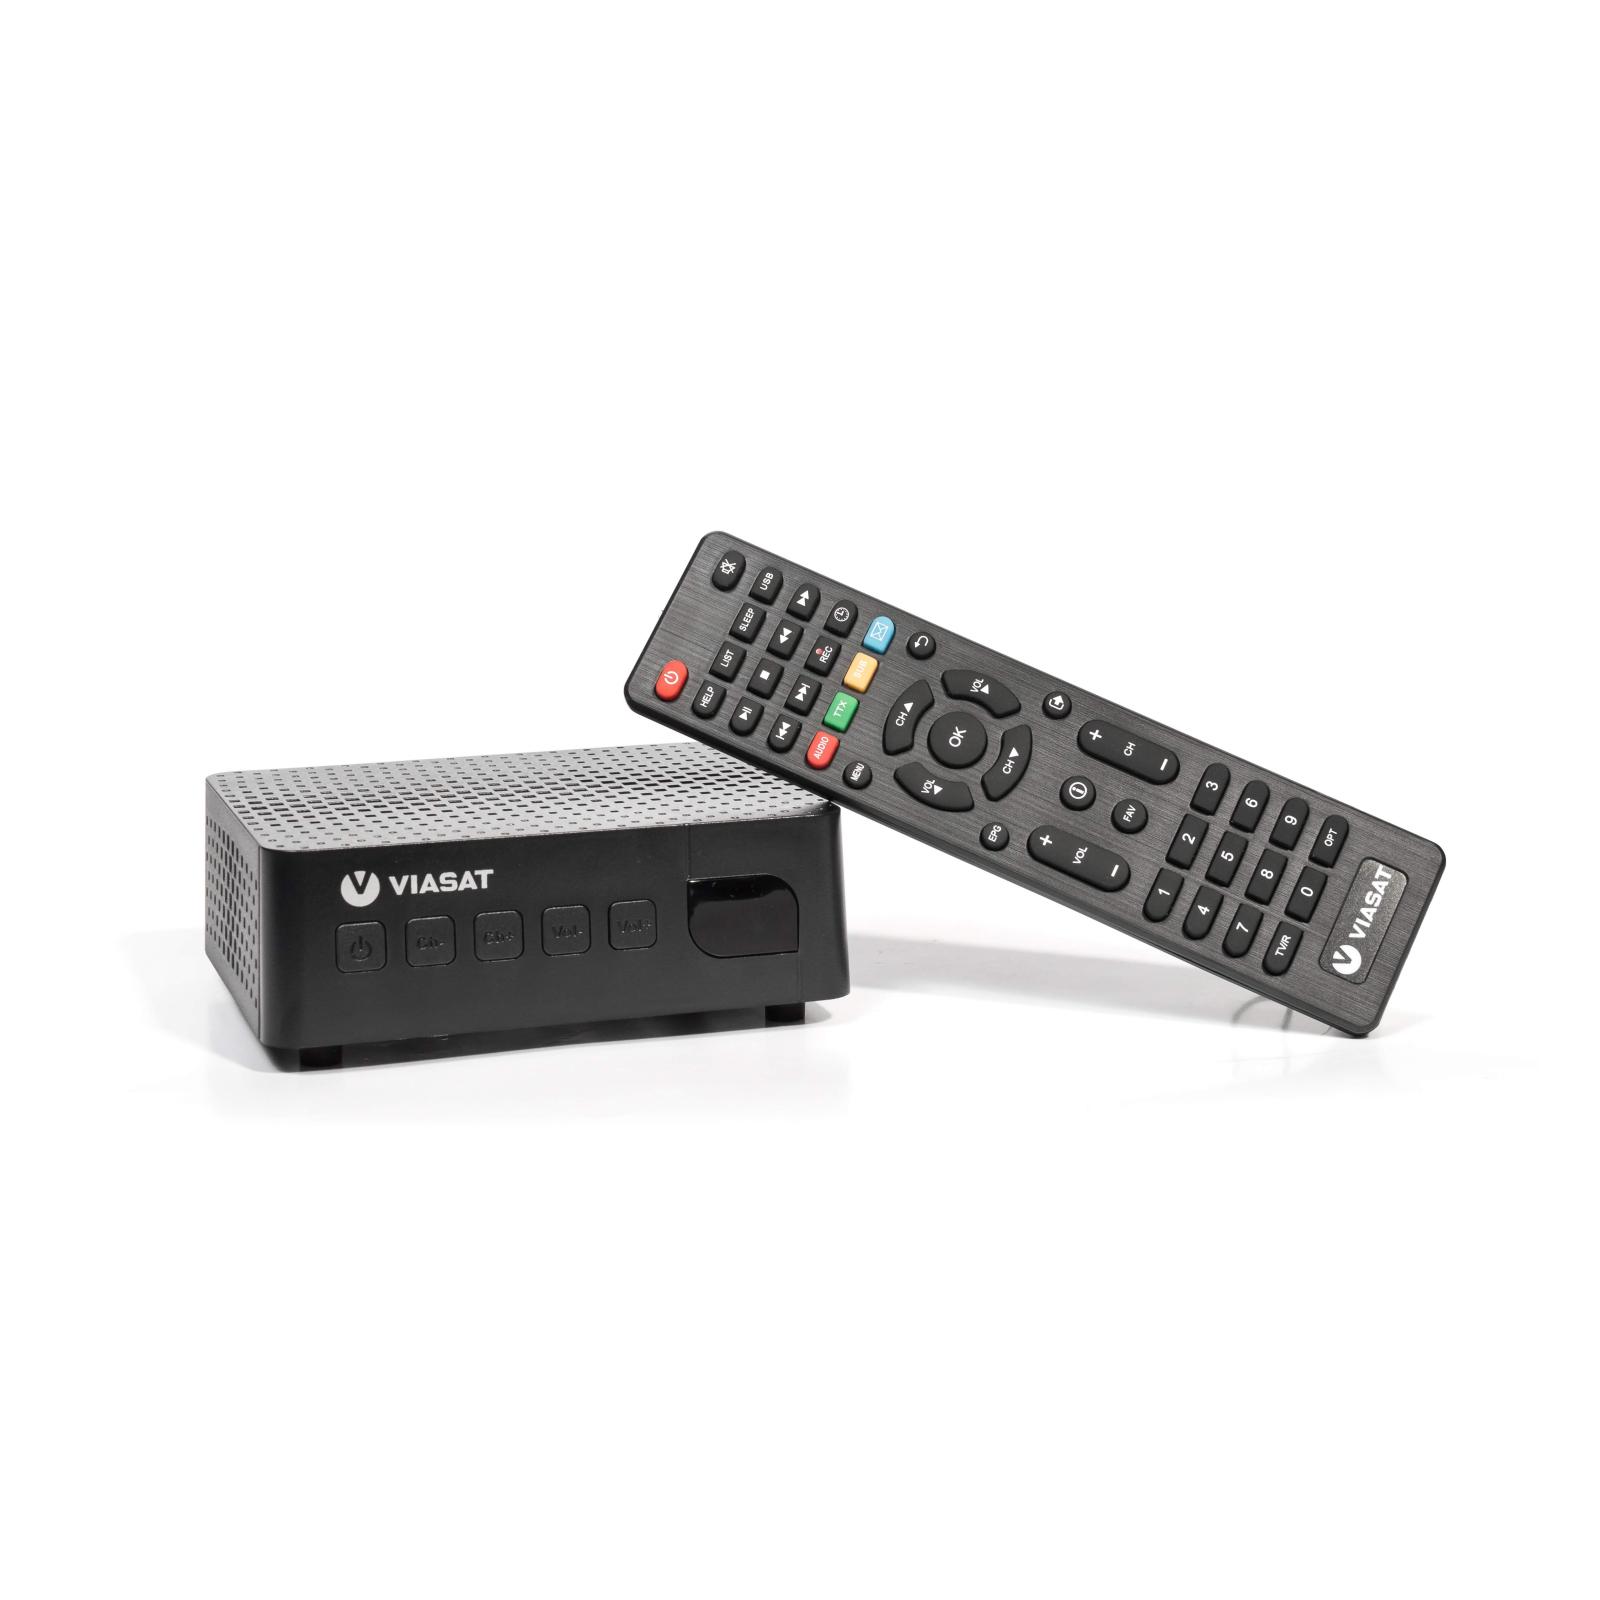 ТВ тюнер Romsat S2 TV VIASAT (S2 TV) зображення 6